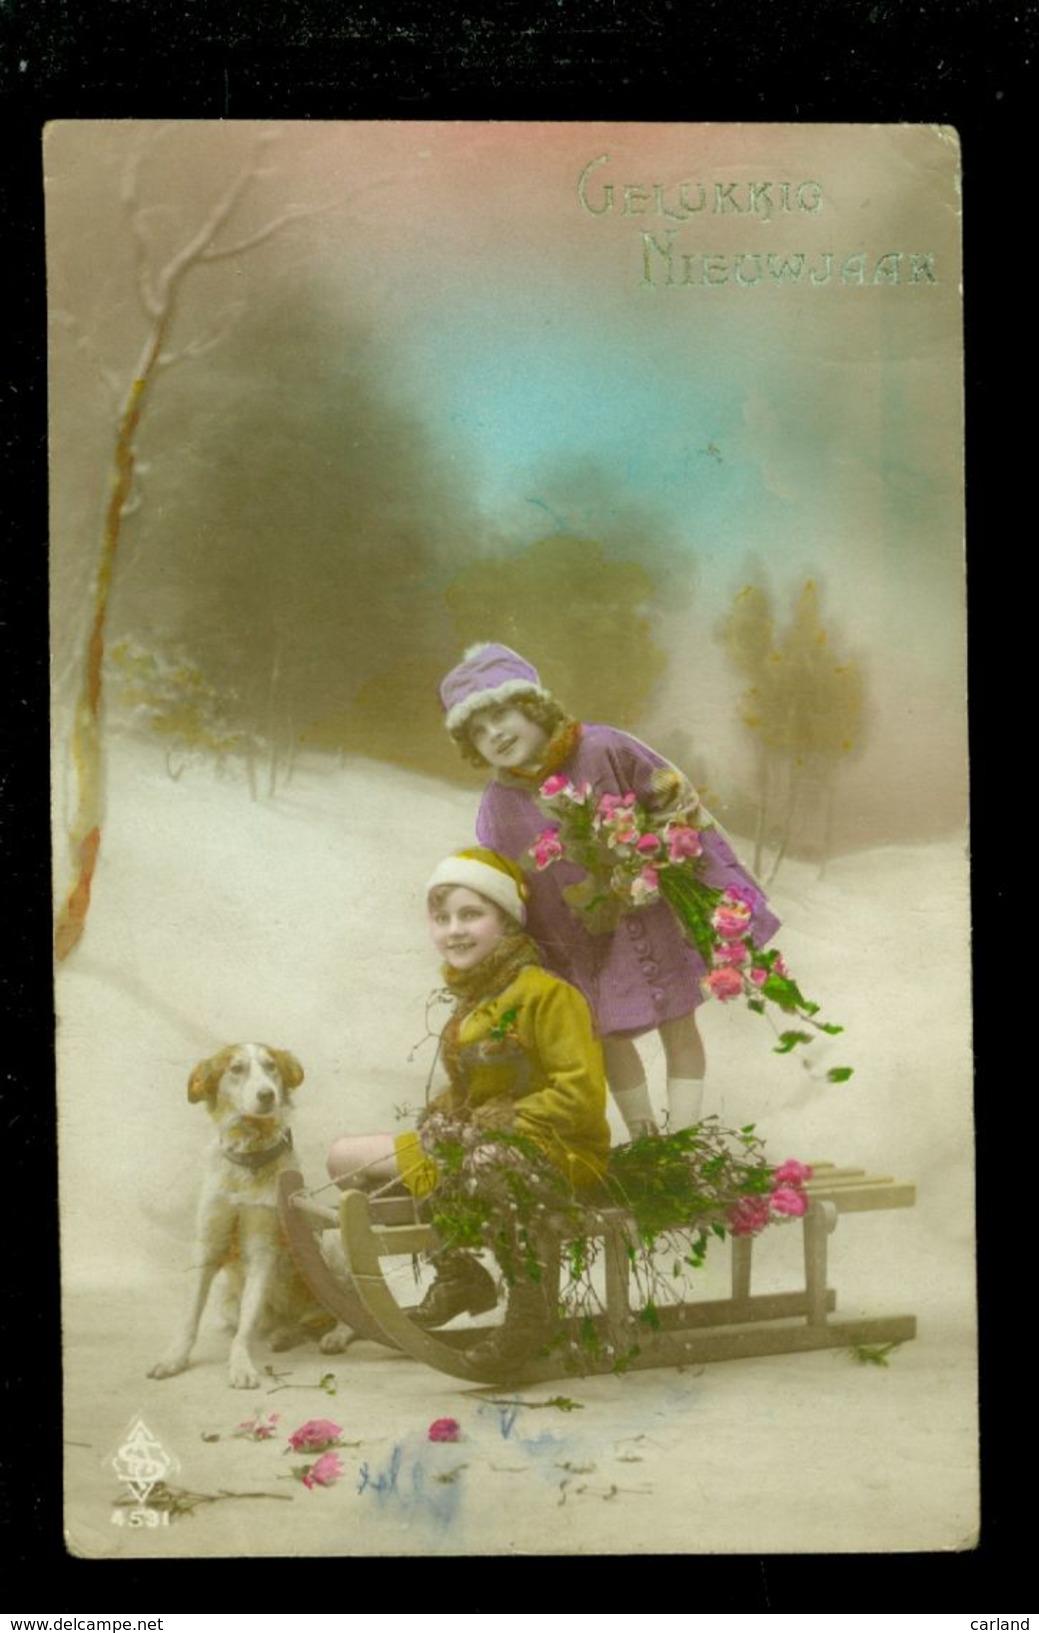 Enfants ( 252 )  Fillette  Meisje  Kinderen  Chien  Hond  -  Traîneau  Luge  Slee  Slede - Enfants